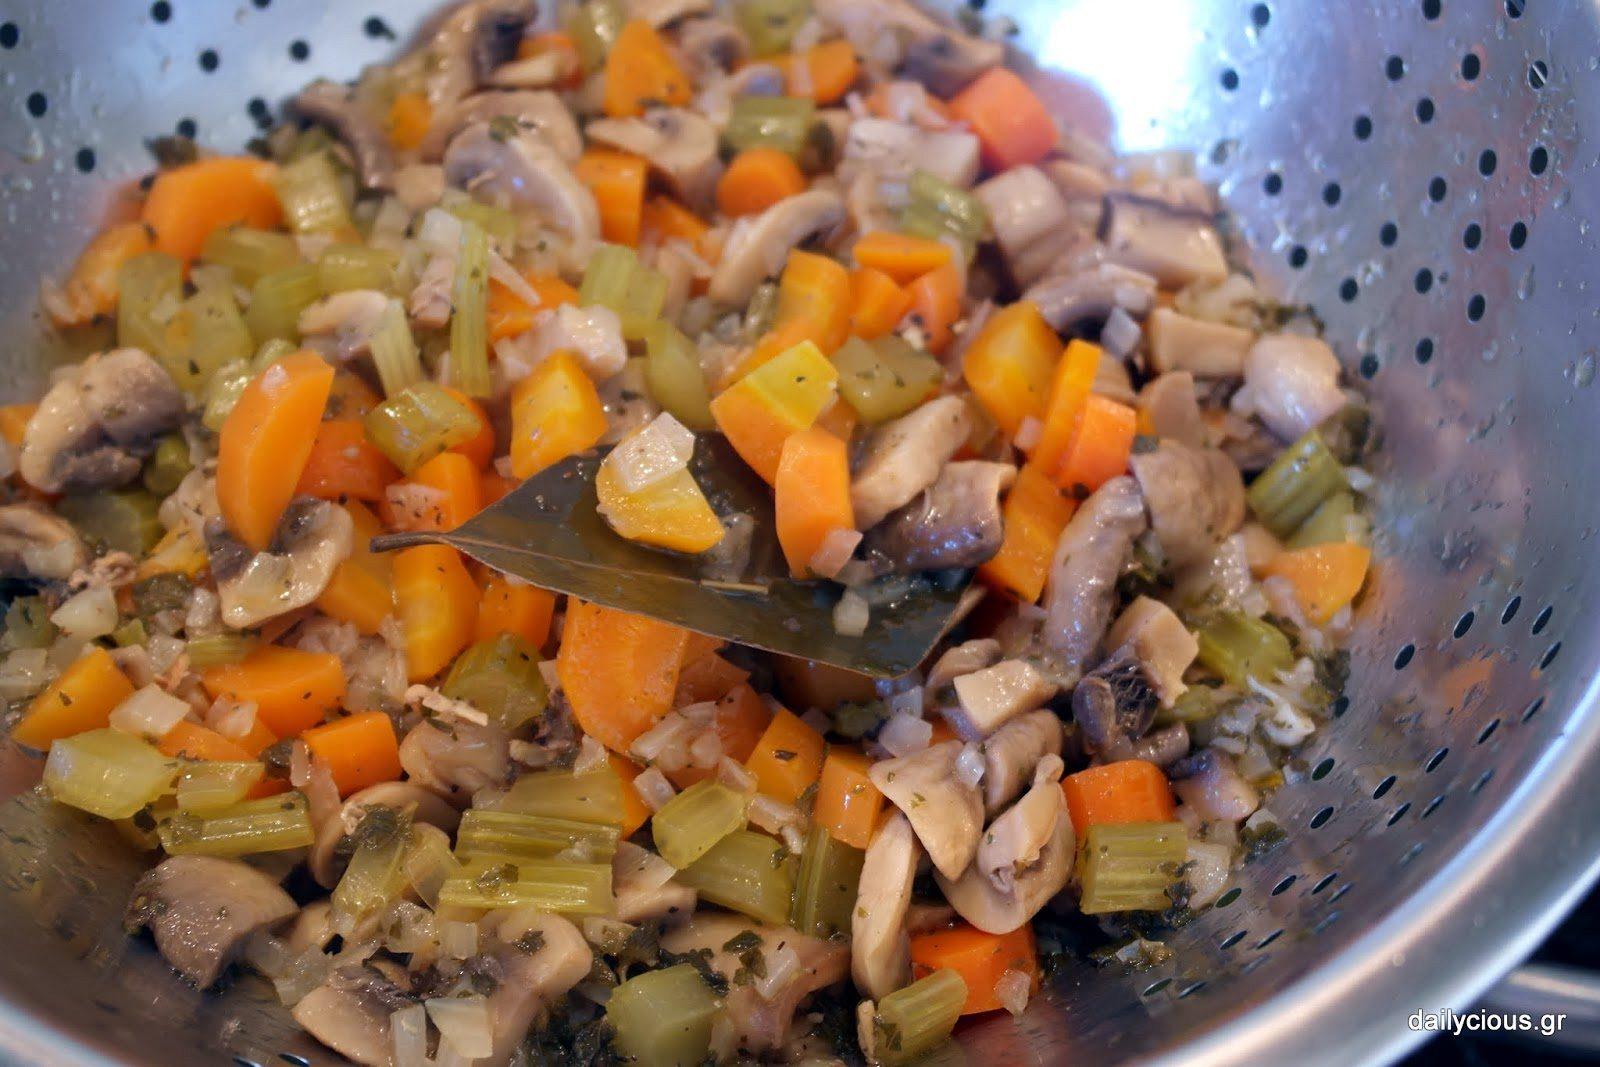 Τα λαχανικά στο σουρωτήρι.